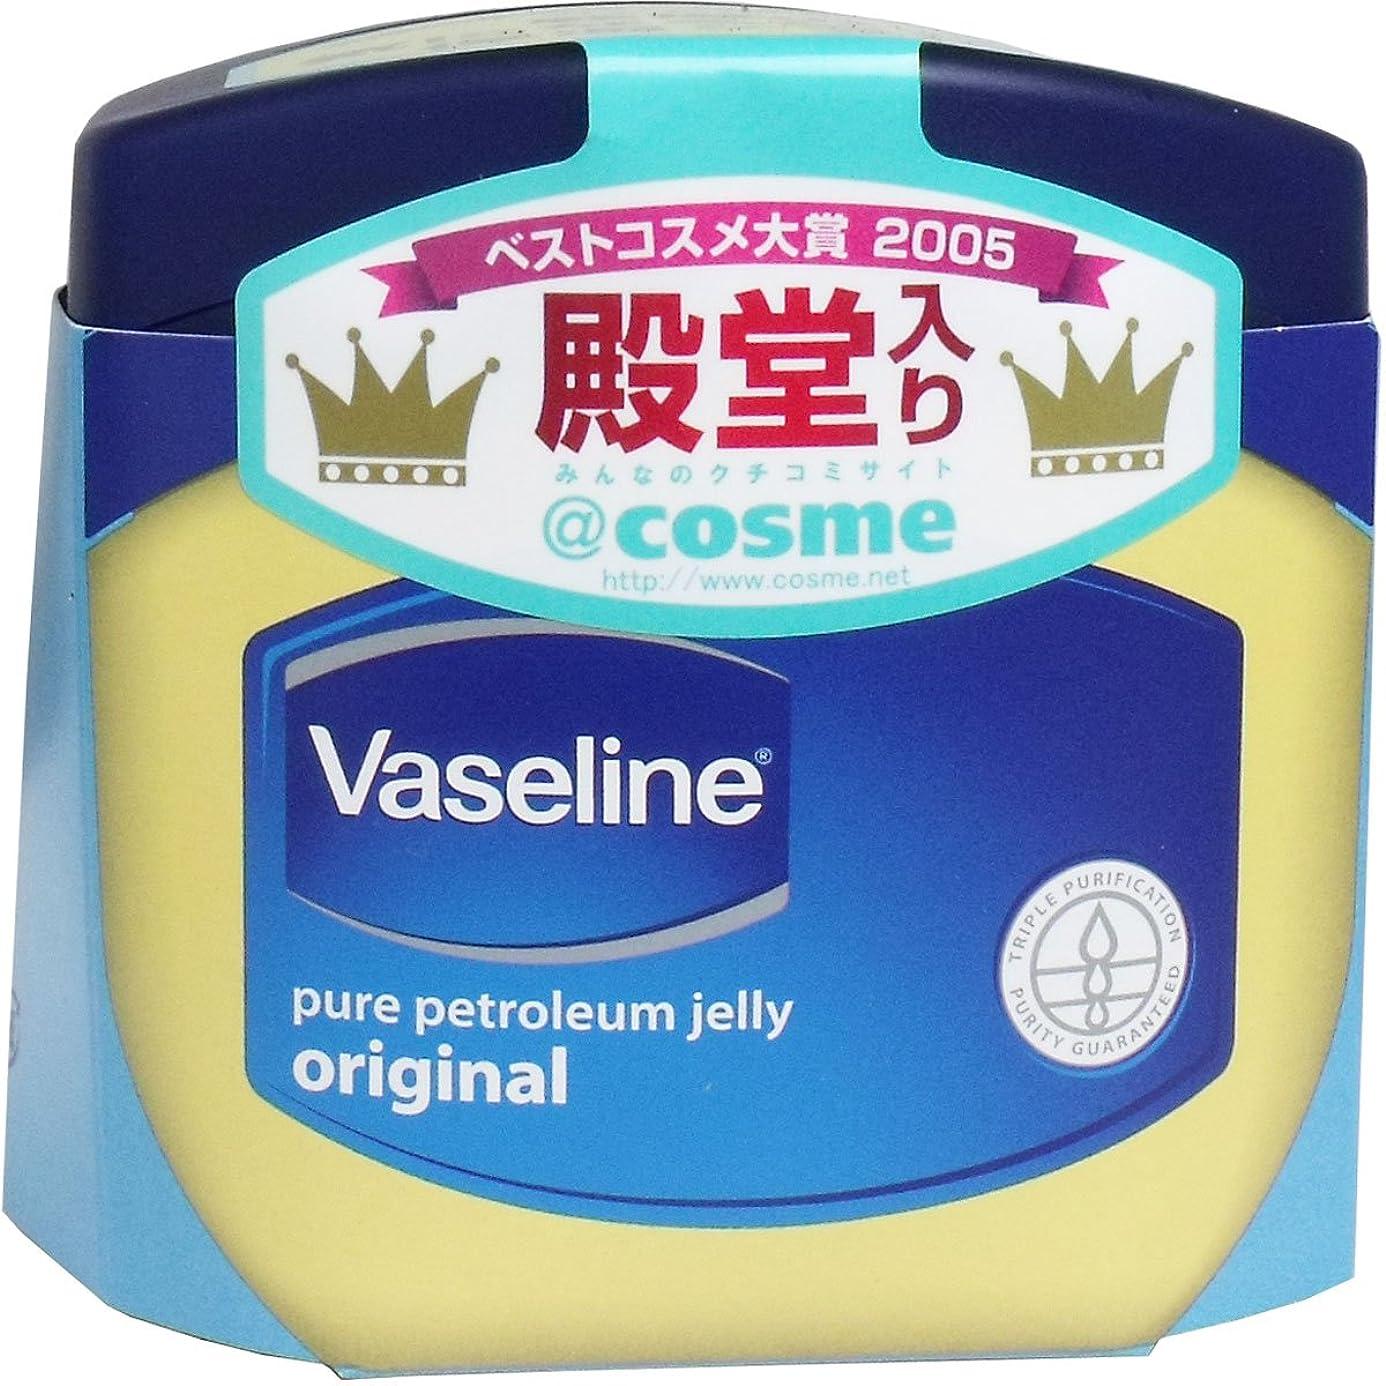 スクリーチ日焼けご近所【Vaseline】ヴァセリン ピュアスキンジェリー (スキンオイル) 200g ×10個セット